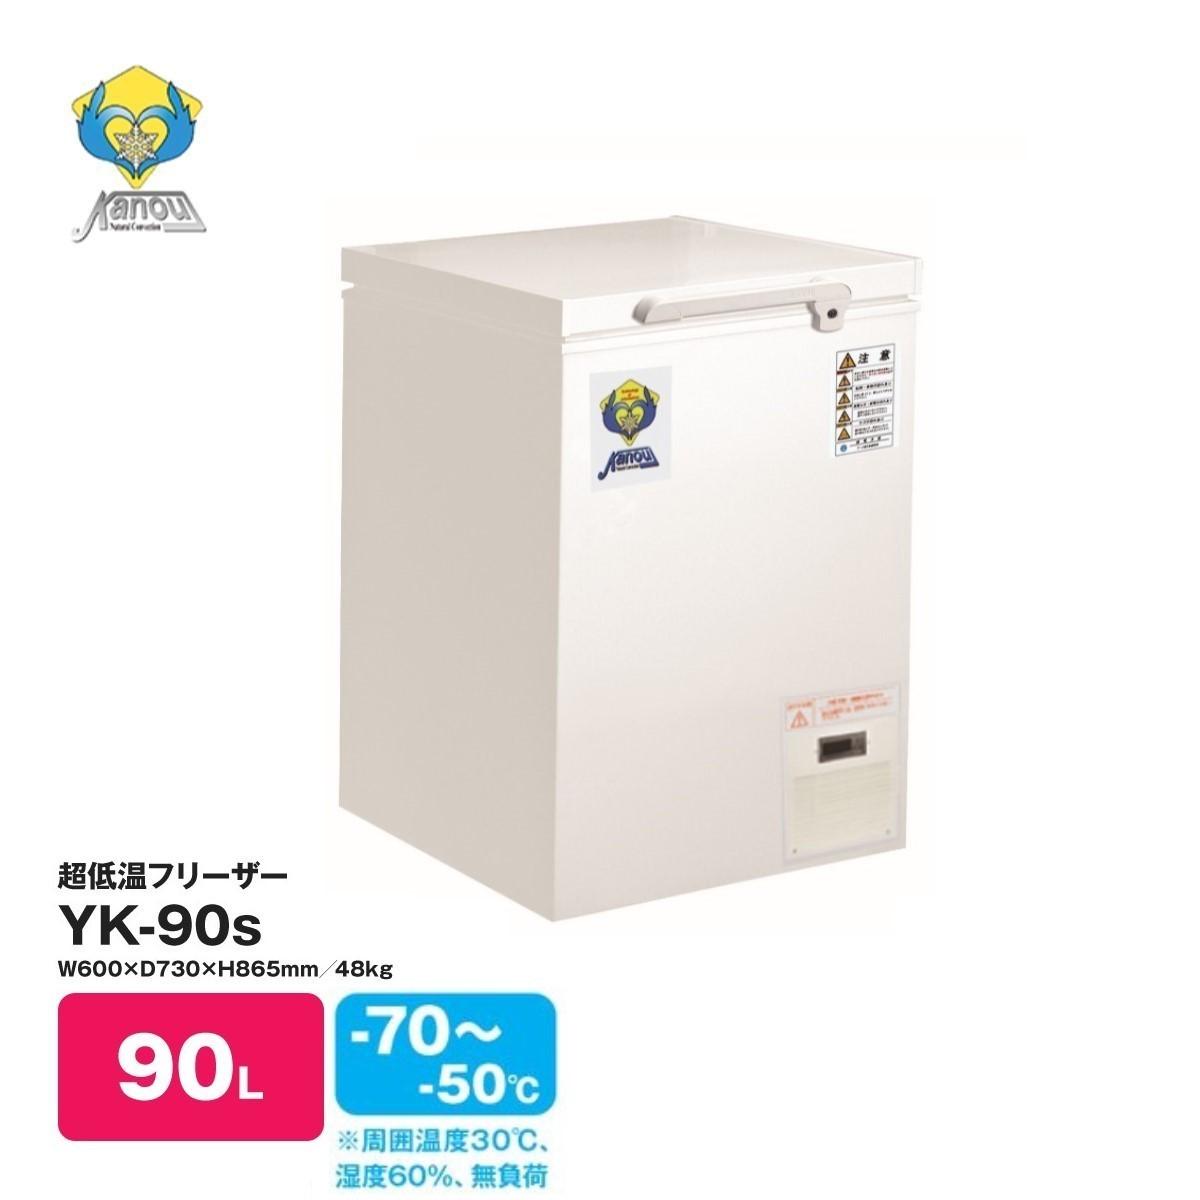 超低温フリーザー YK-90s 送料無料